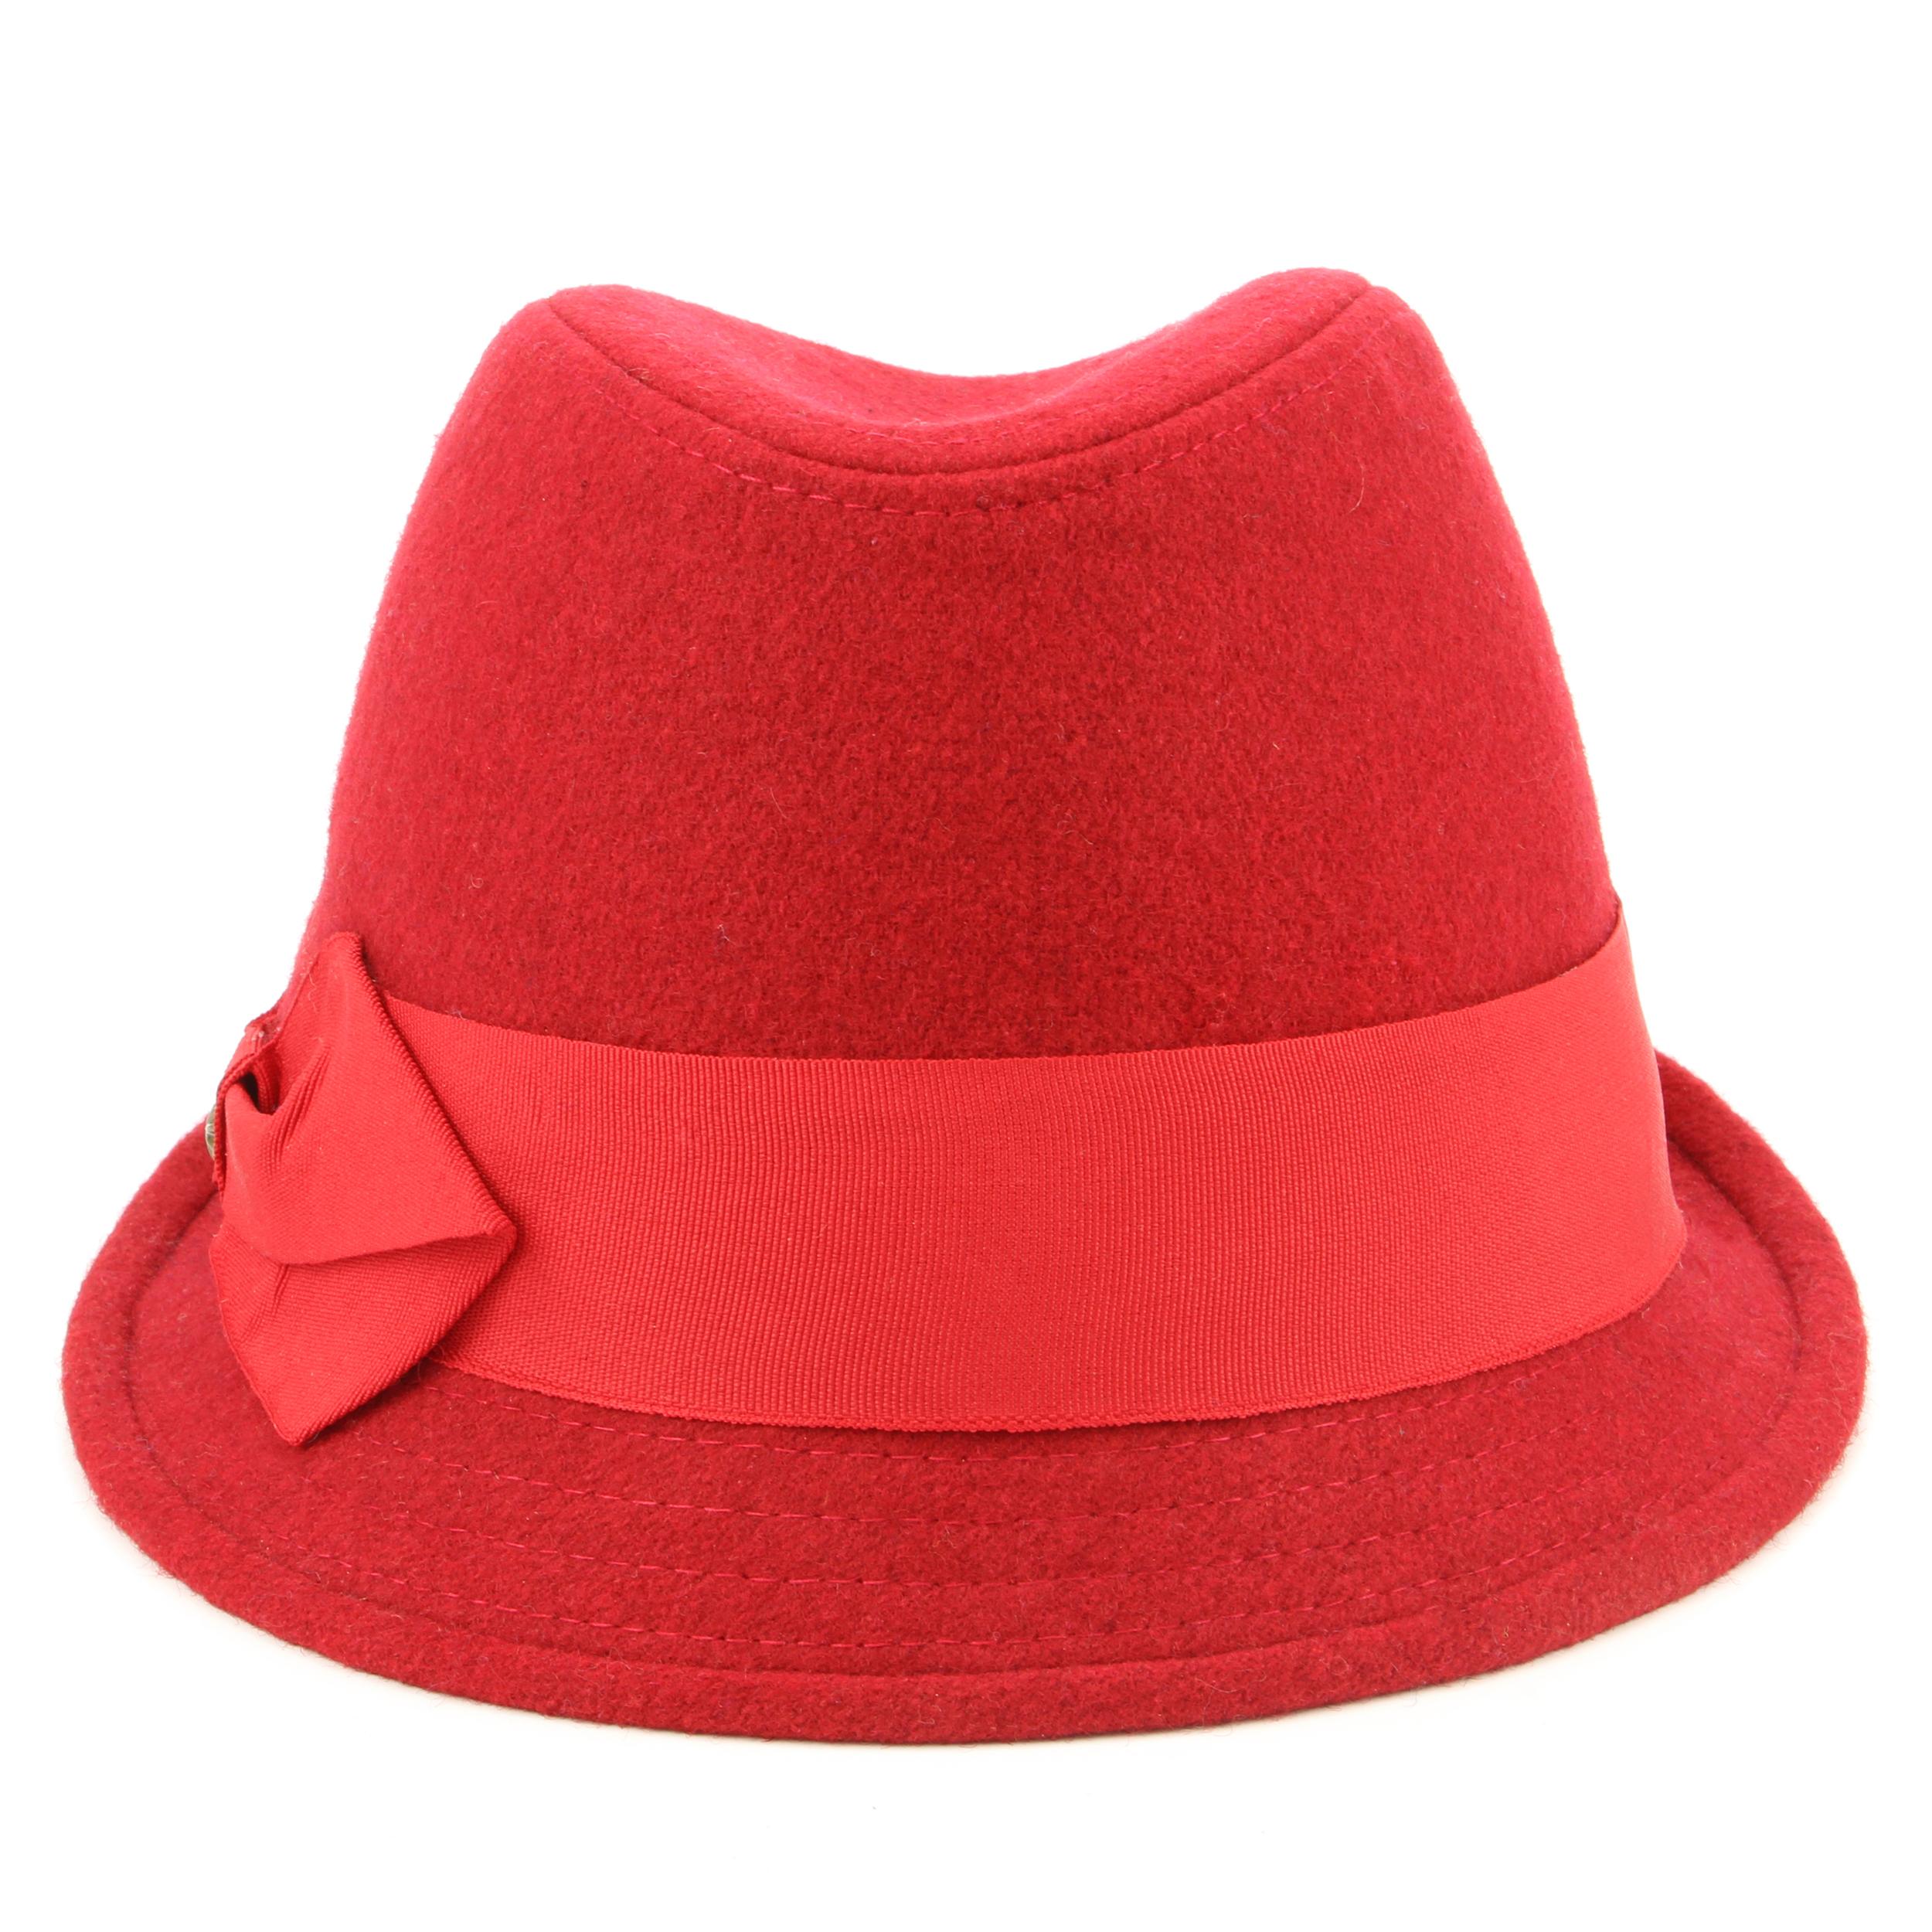 Lana Trilby Cappello Feltro Donna Hawkins Tesa Stretta Fiocco Rosso ... a0cad99ae7d4